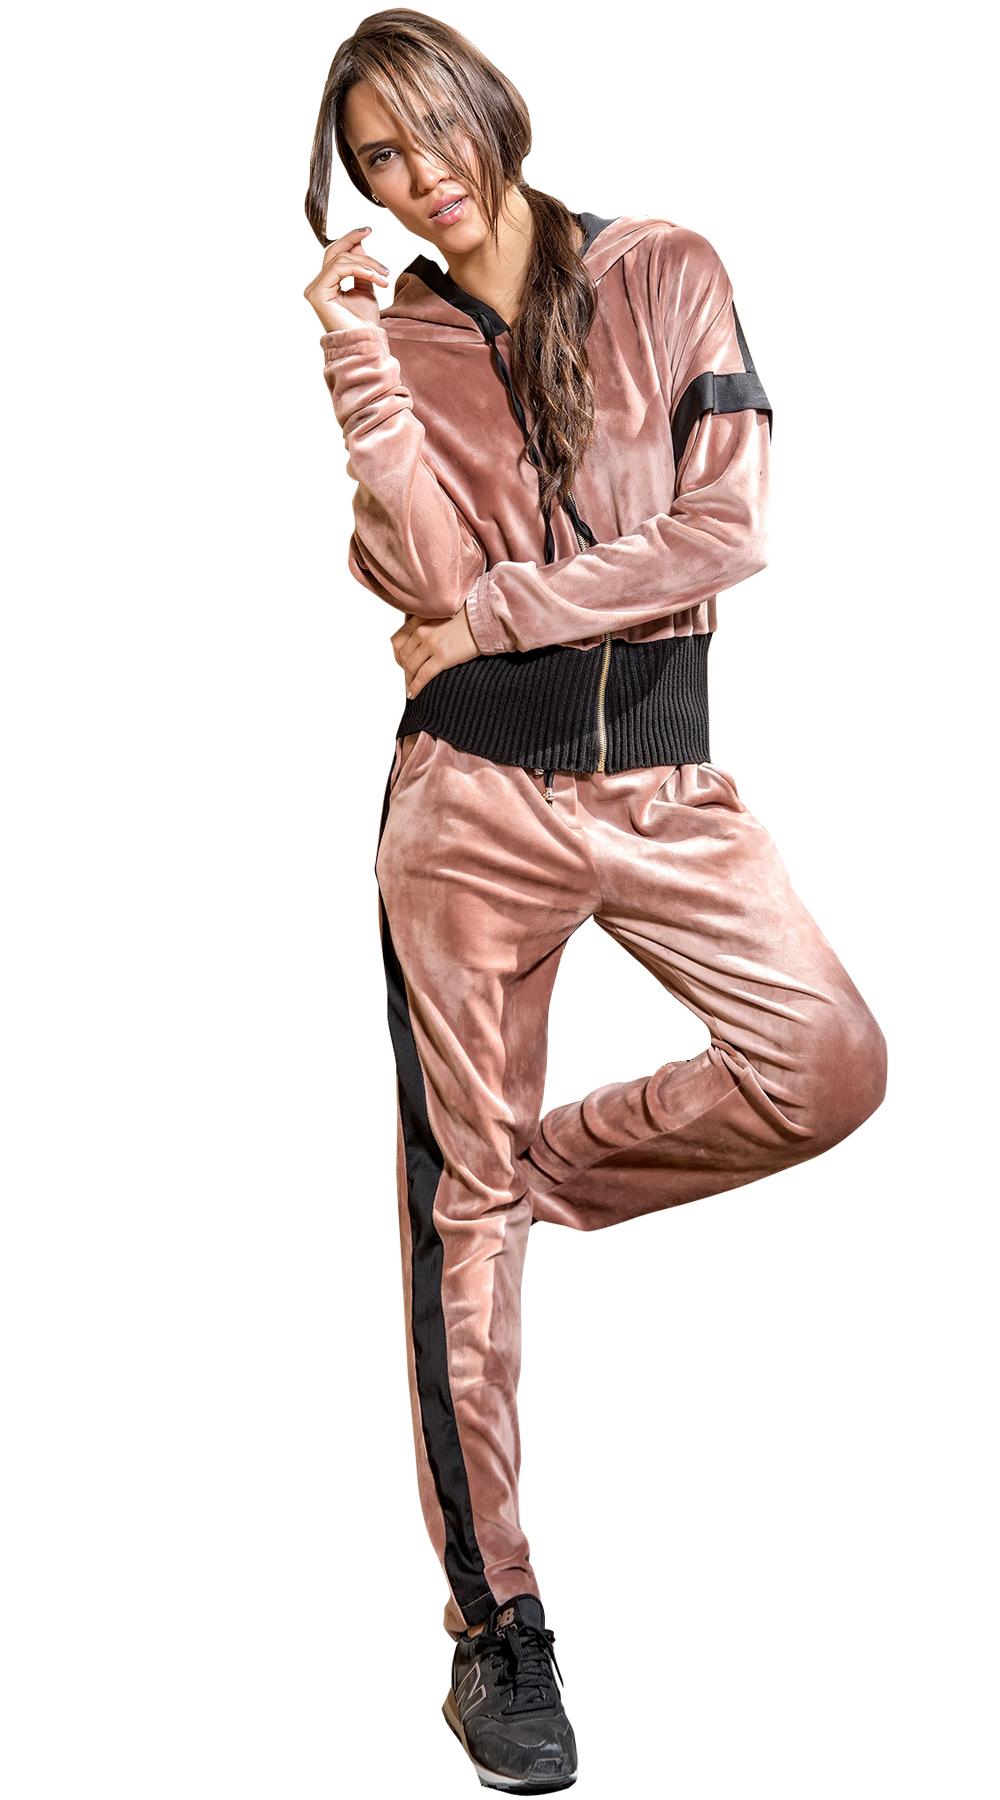 Σετ γυναικεία φόρμα βελούδινη Online - ONLINE - FA17ON-98897 top trends ασορτί σετ